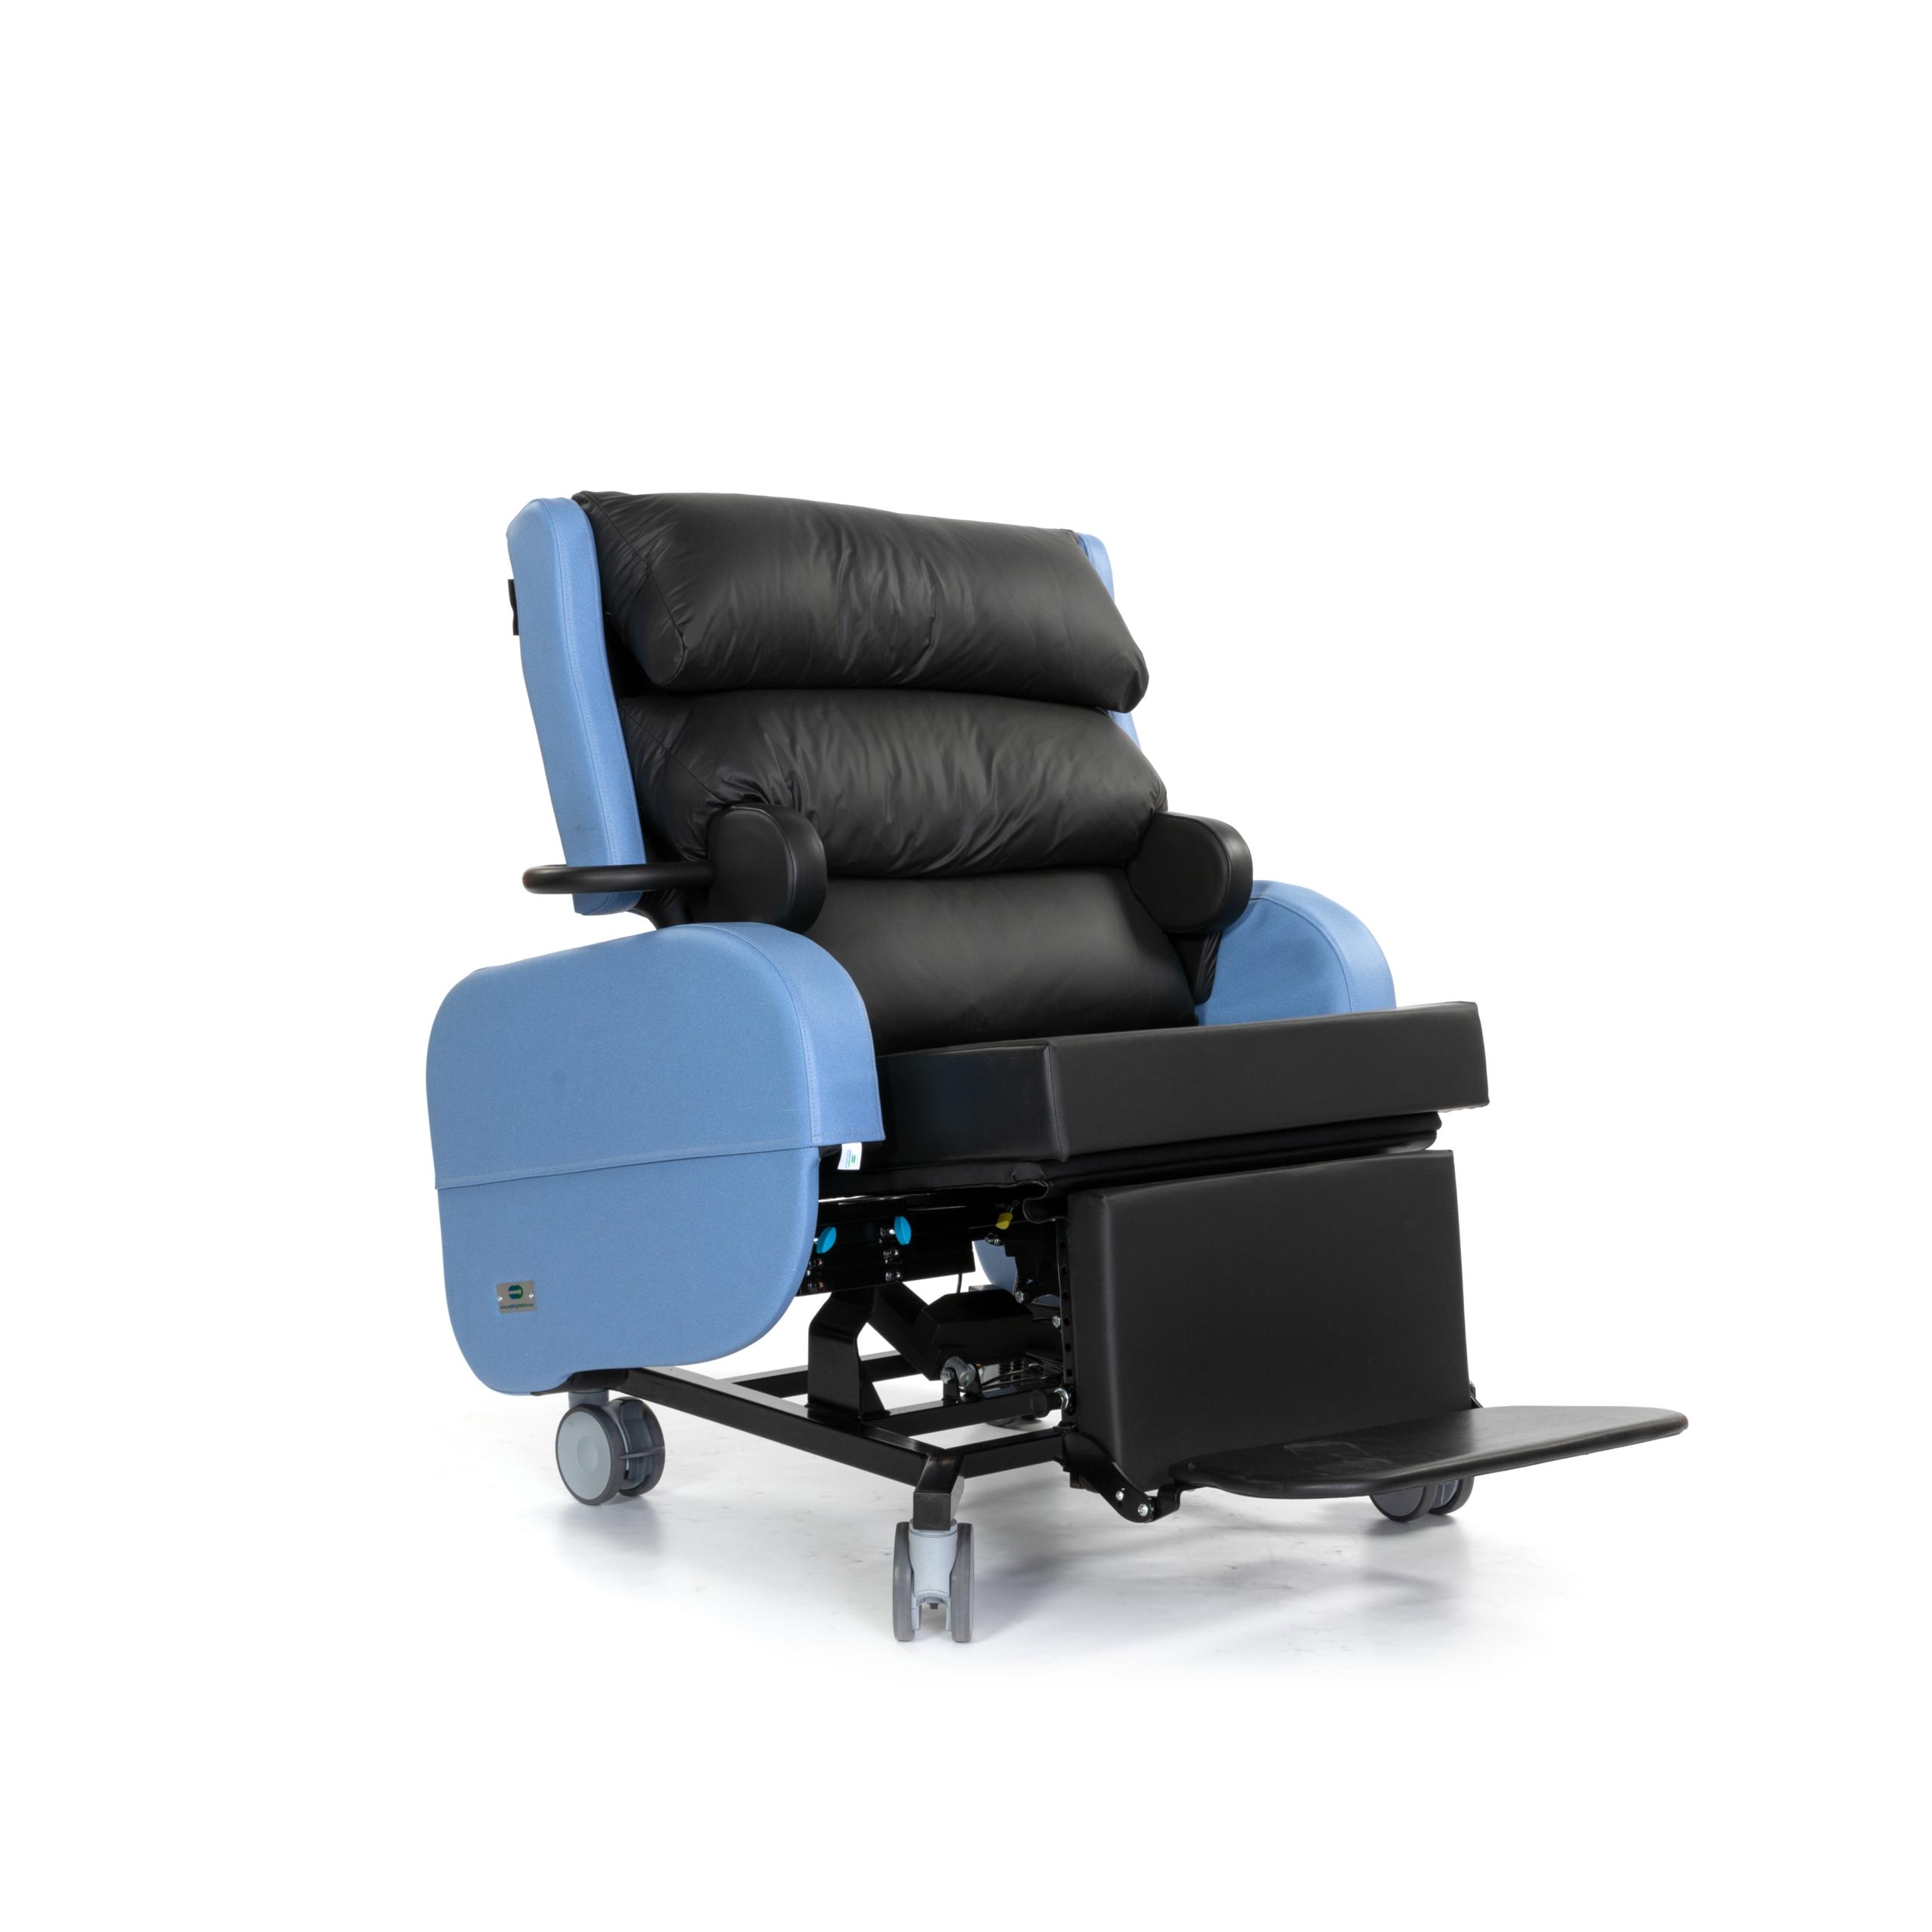 Zorgstoel voor obese bewoners Sorrento XL 02